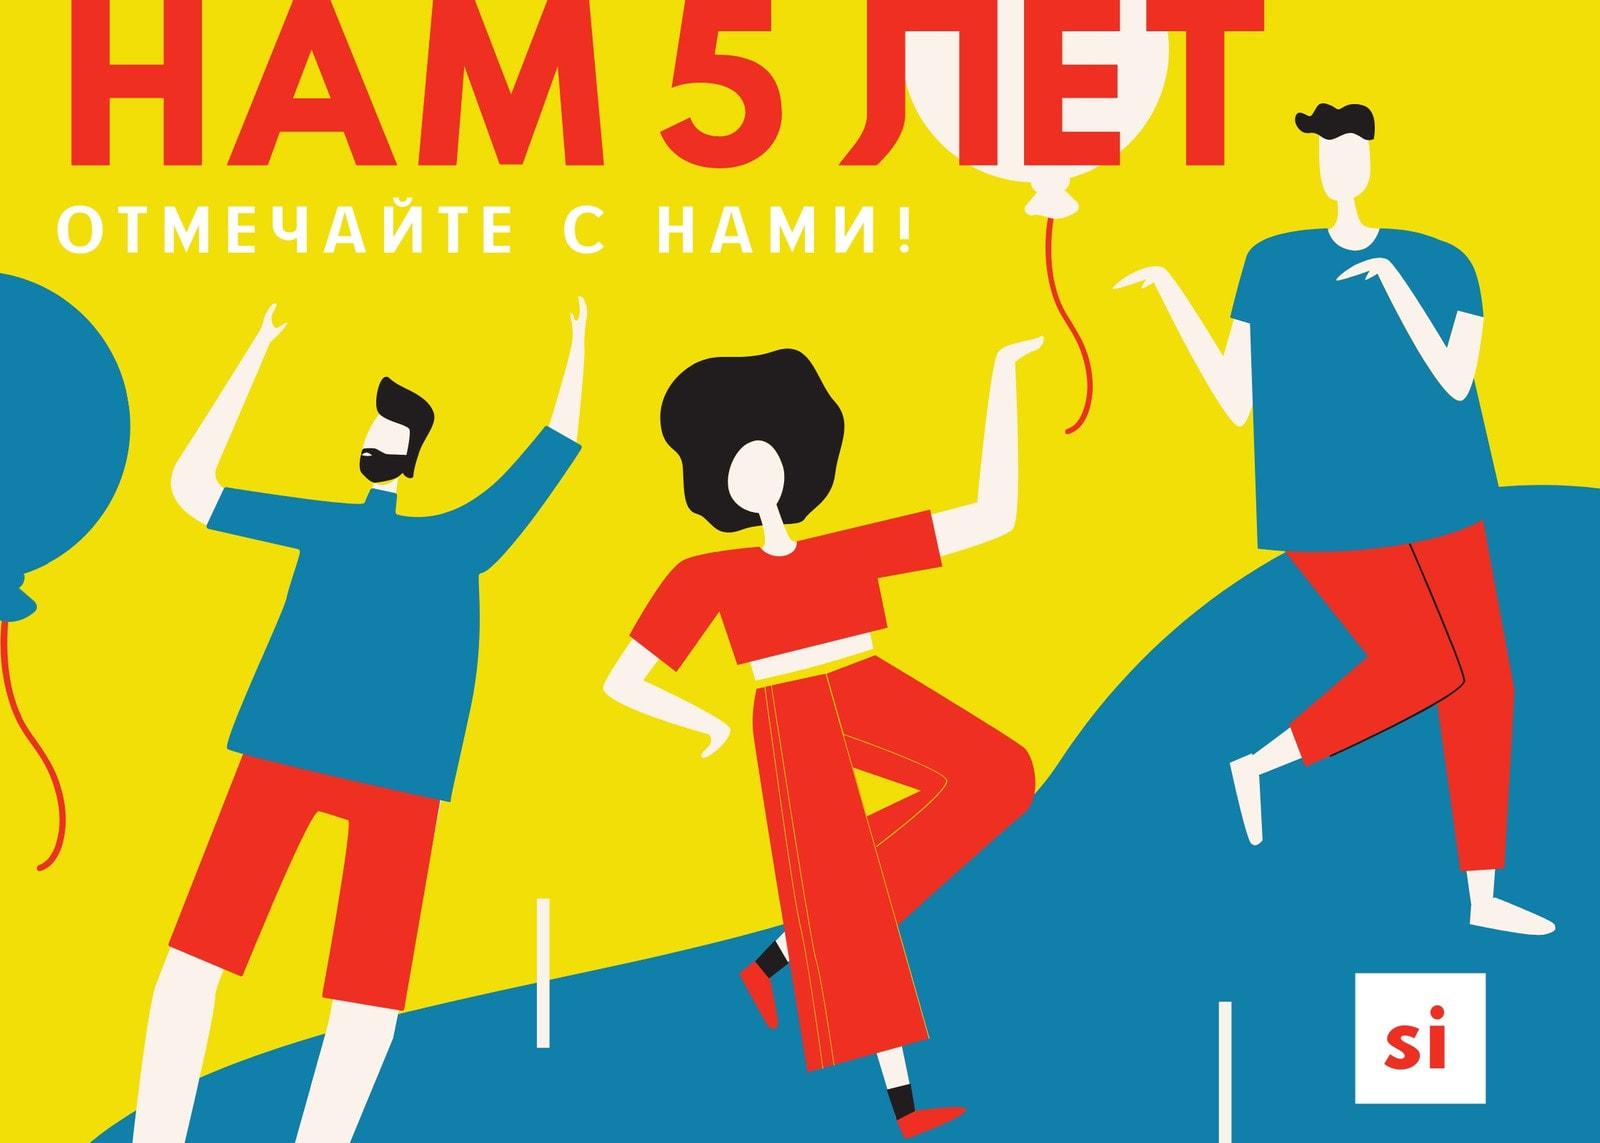 Цветная праздничная публикация в ВК с иллюстрациями